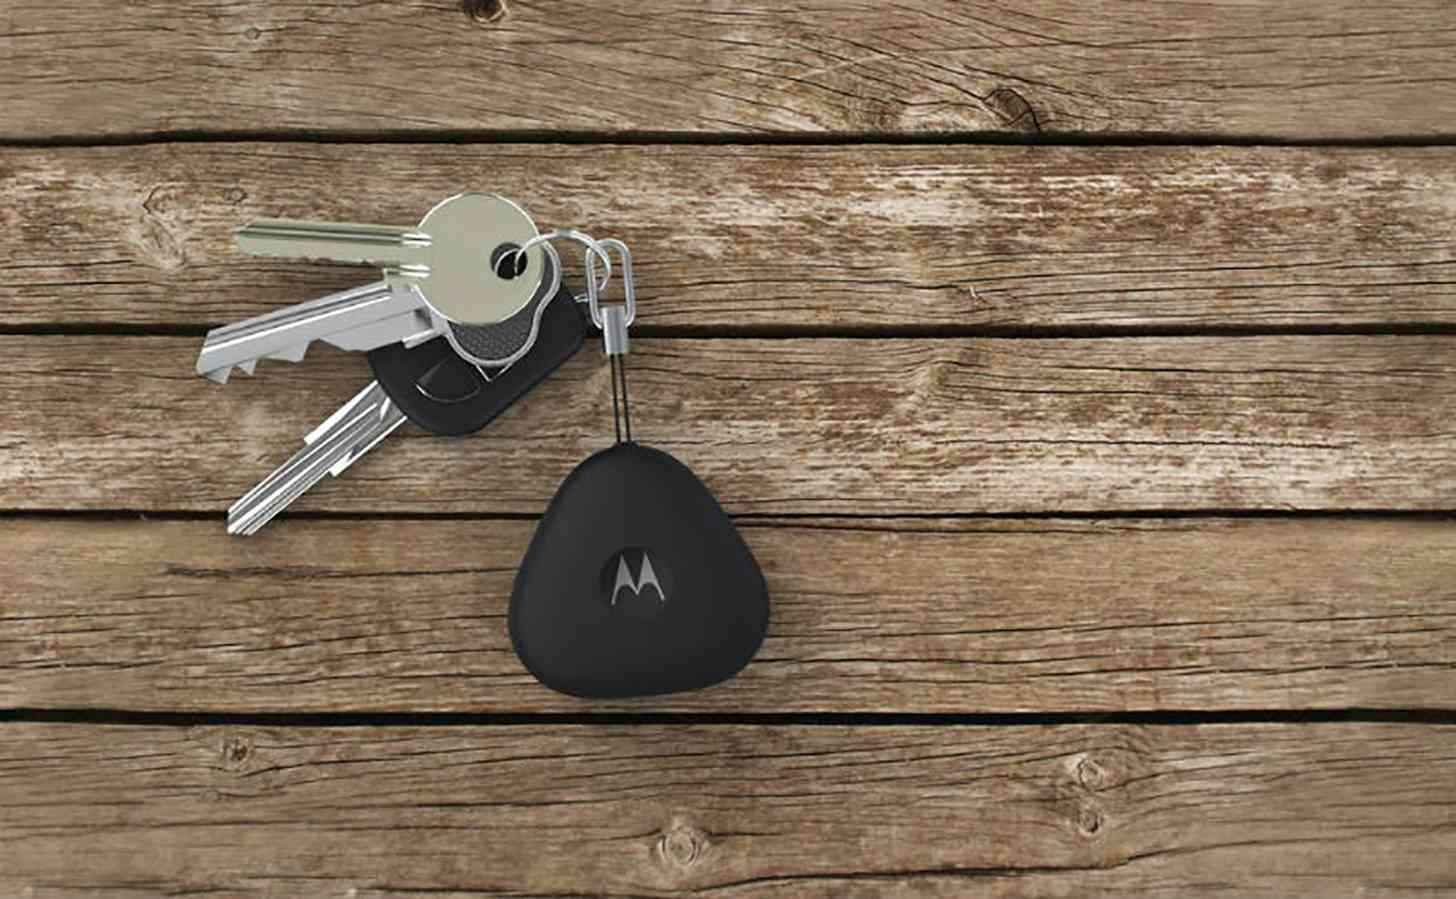 Motorola Keylink key fob